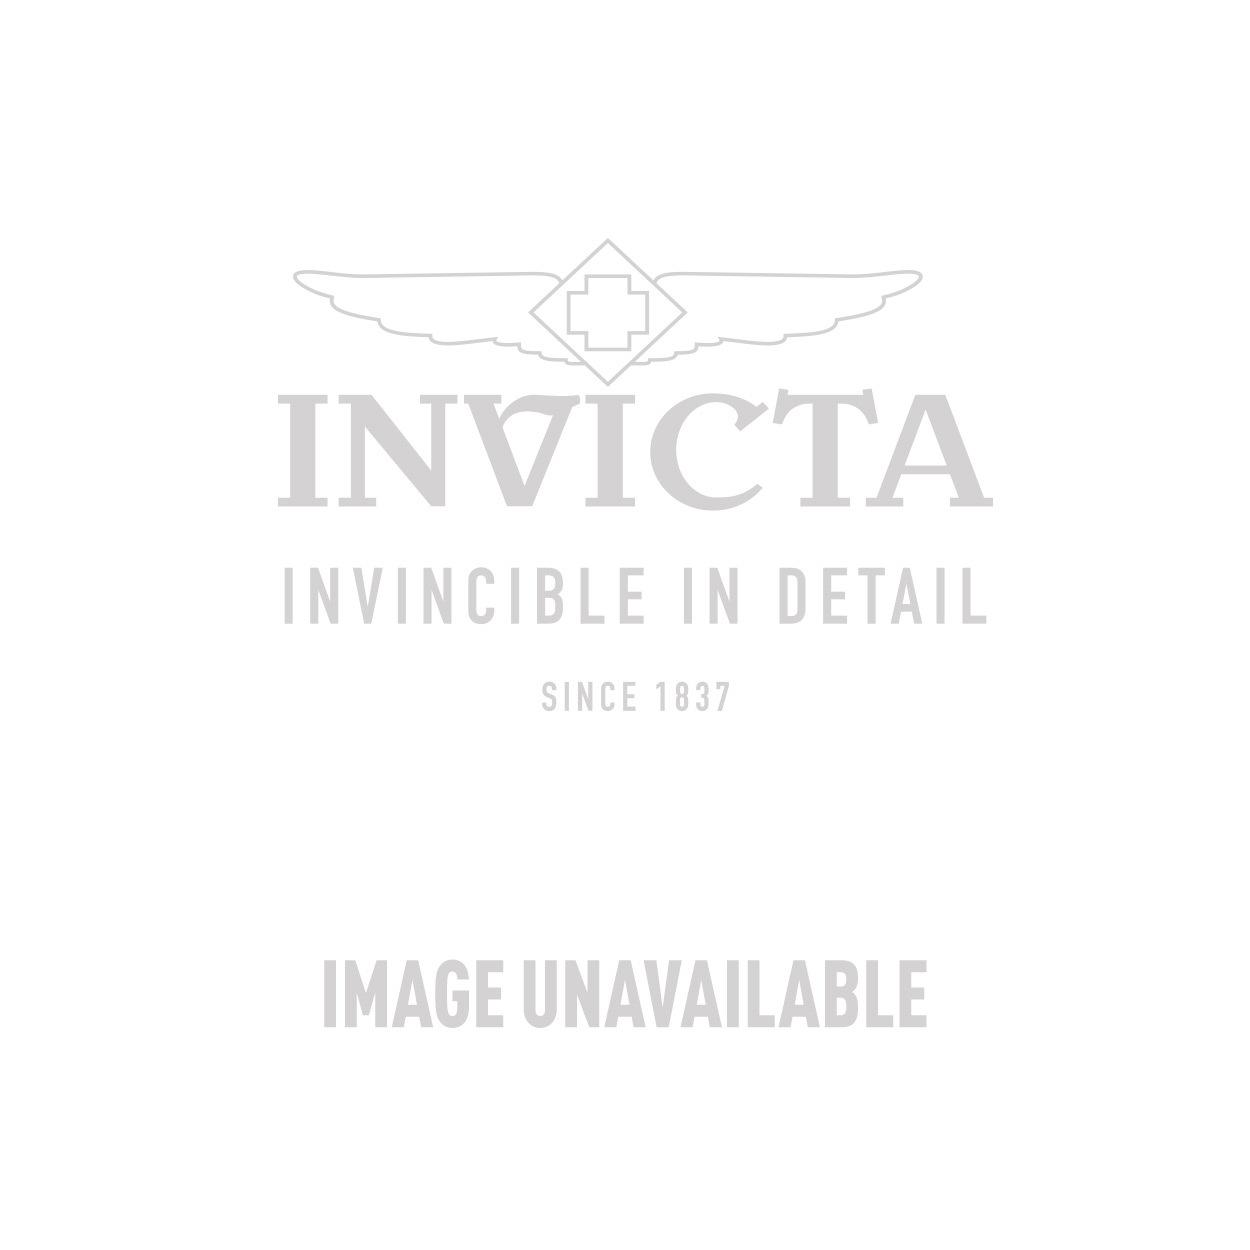 Invicta Model 27184